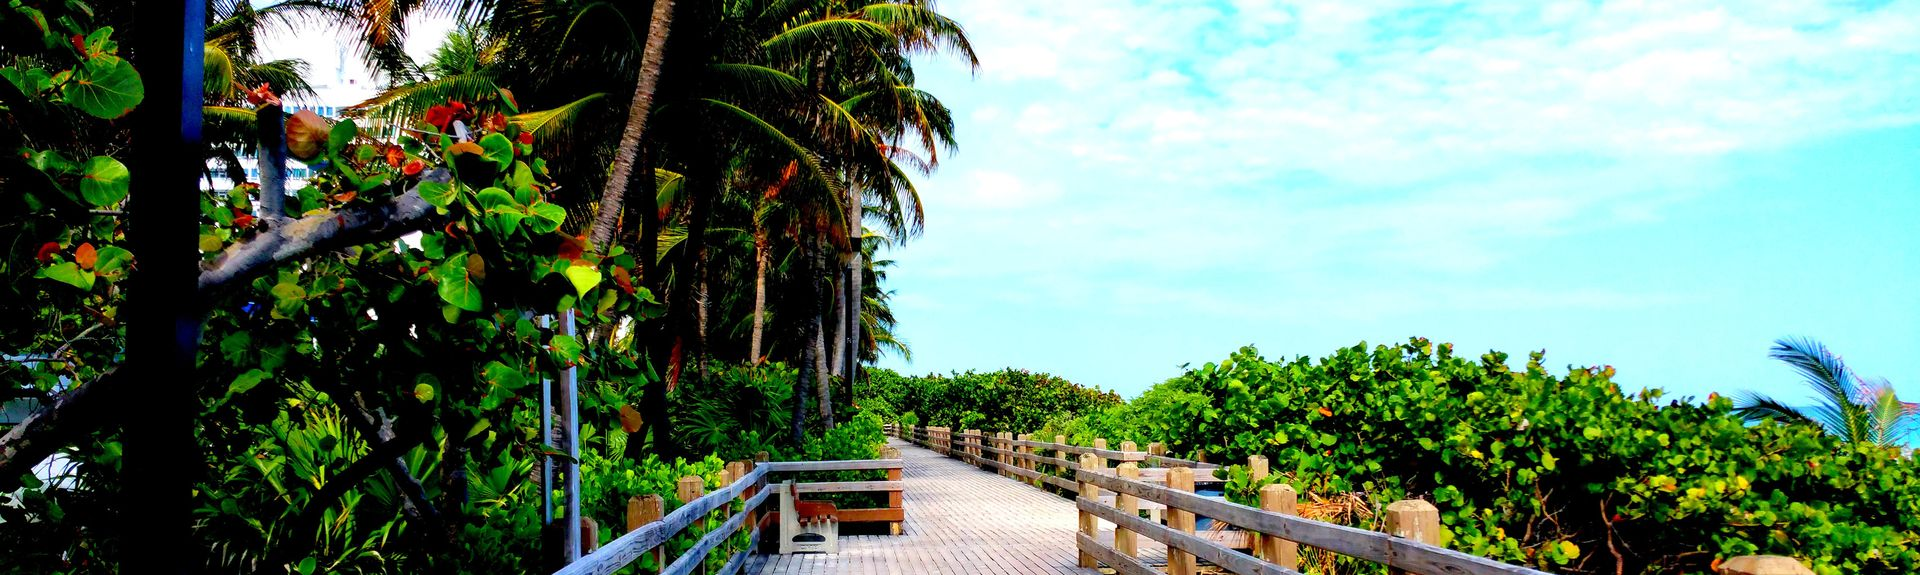 Fontainebleau Resort (Miami Beach, Floride, États-Unis d'Amérique)